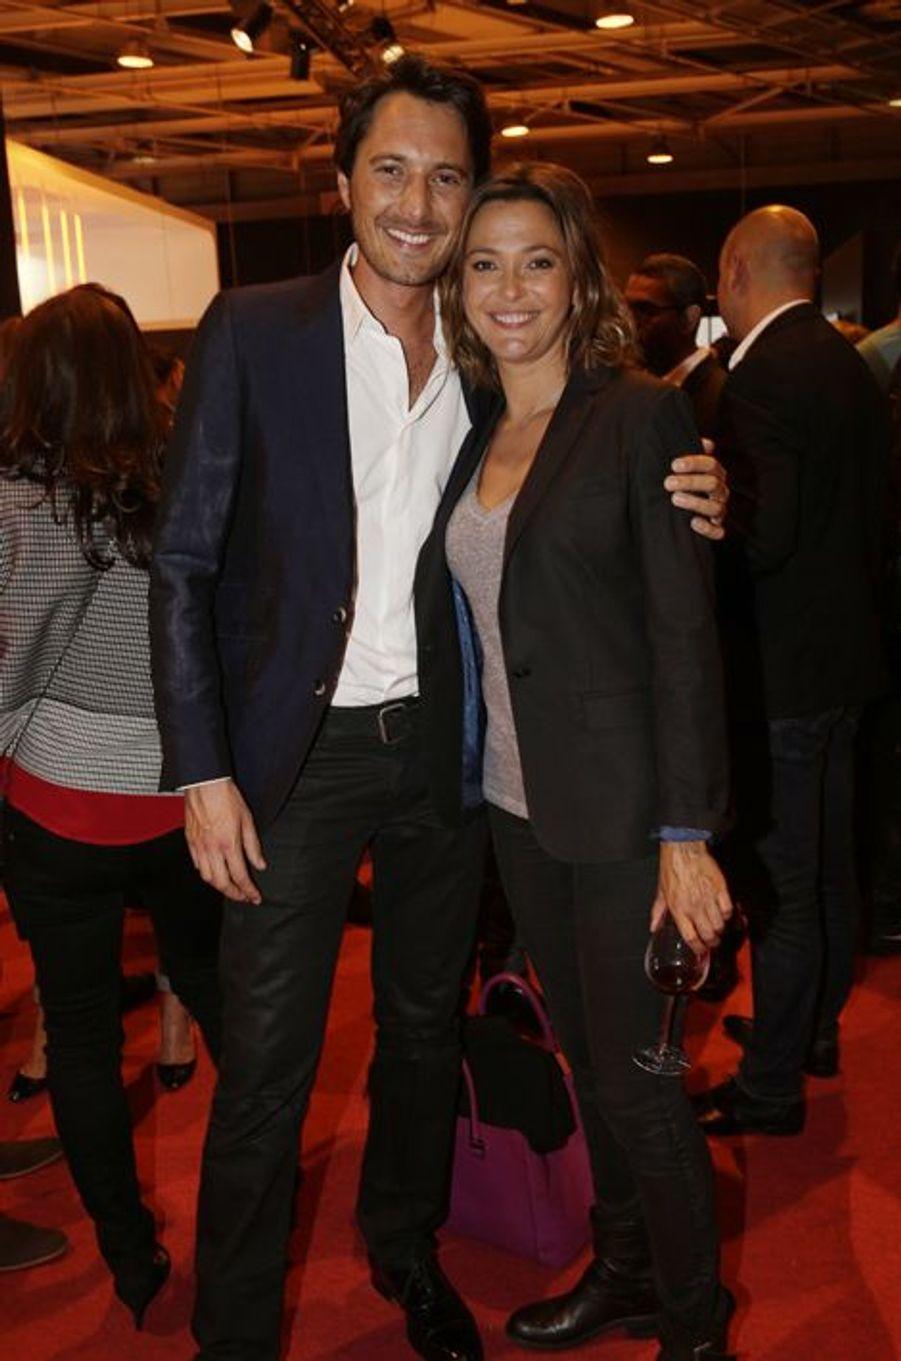 Vincent Cerutti et Sandrine Quétier au Salon de l'Automobile 2014 à Paris le 2 octobre 2014